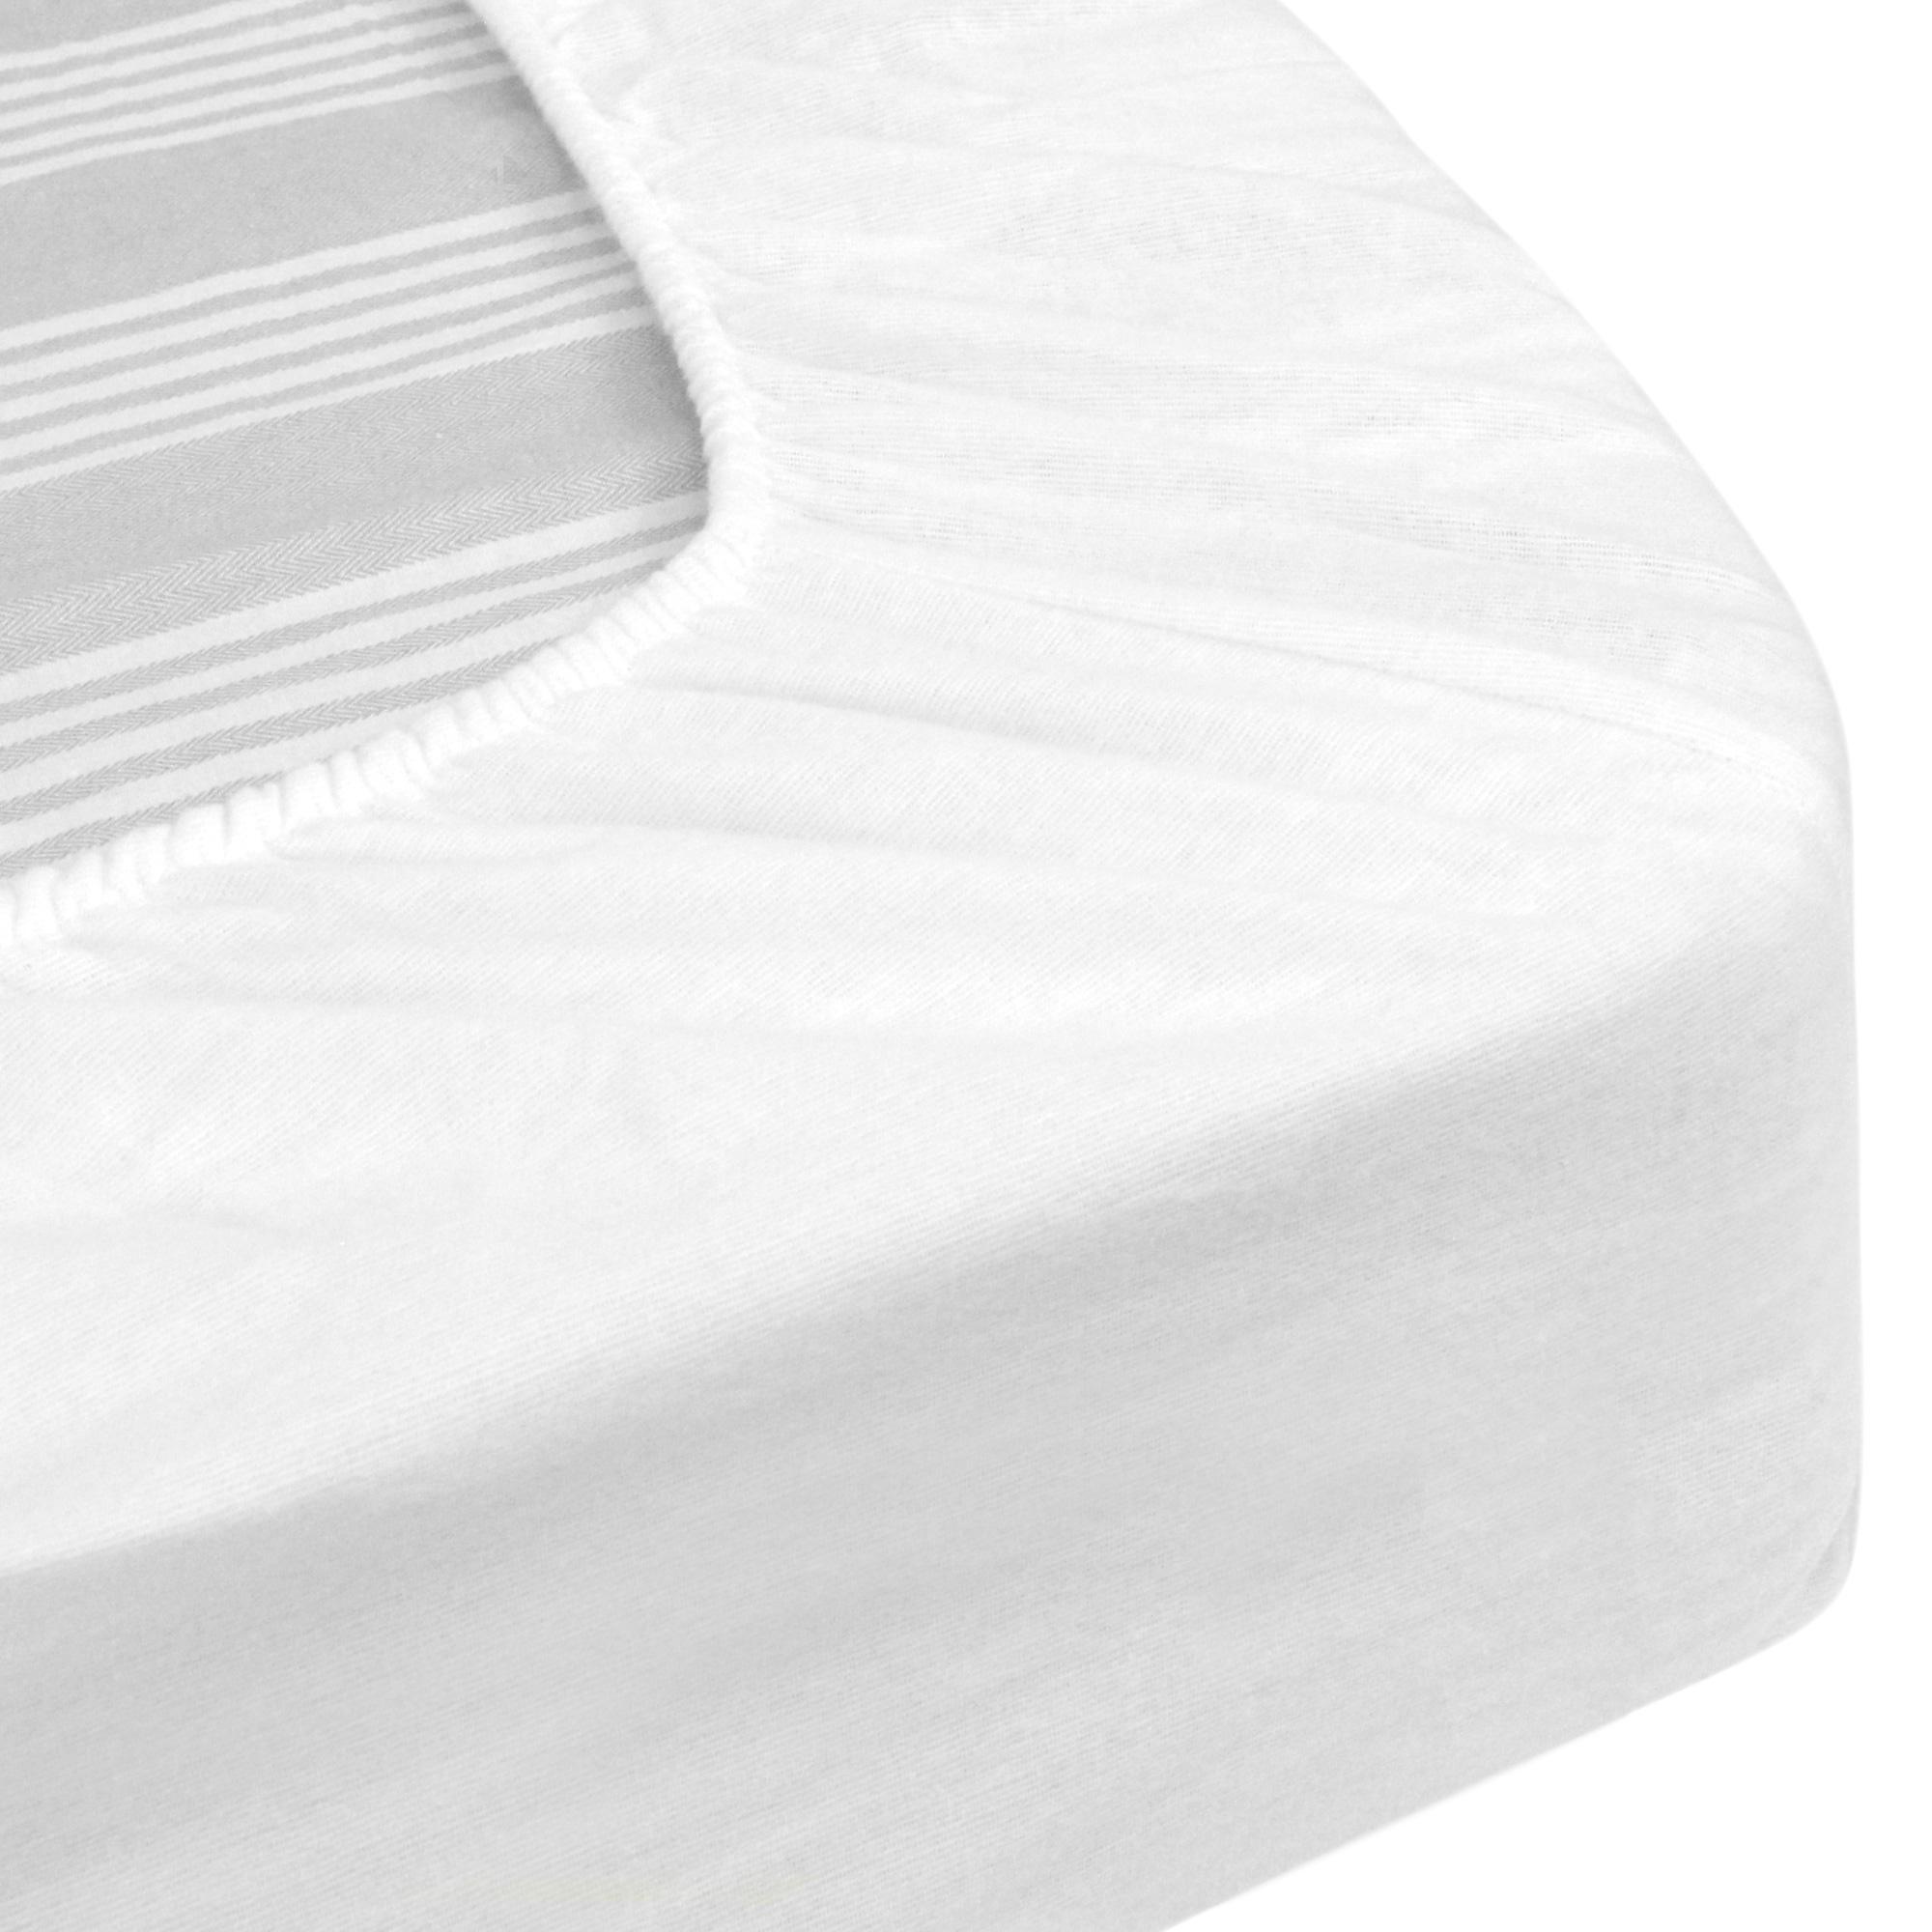 prot ge matelas imperm able 80x210 cm bonnet 30cm arnon molleton 100 coton contrecoll. Black Bedroom Furniture Sets. Home Design Ideas